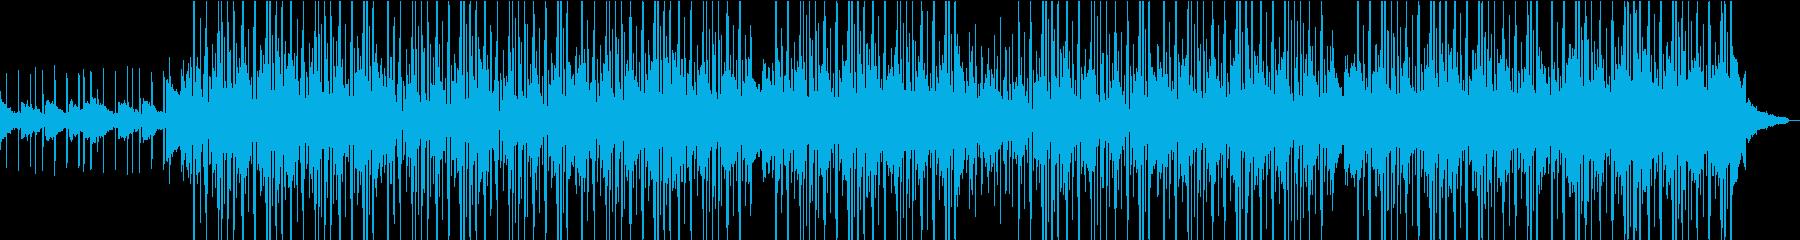 モダンでR&Bの曲の再生済みの波形